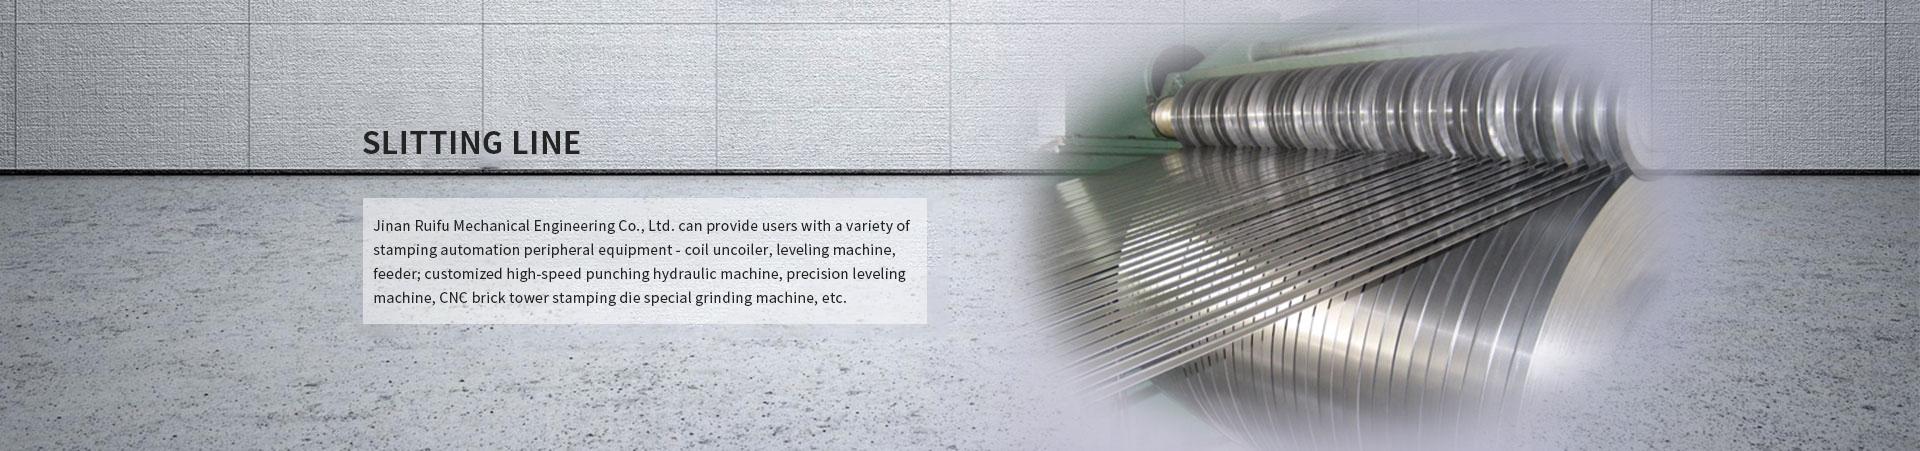 Precision profile forming machine